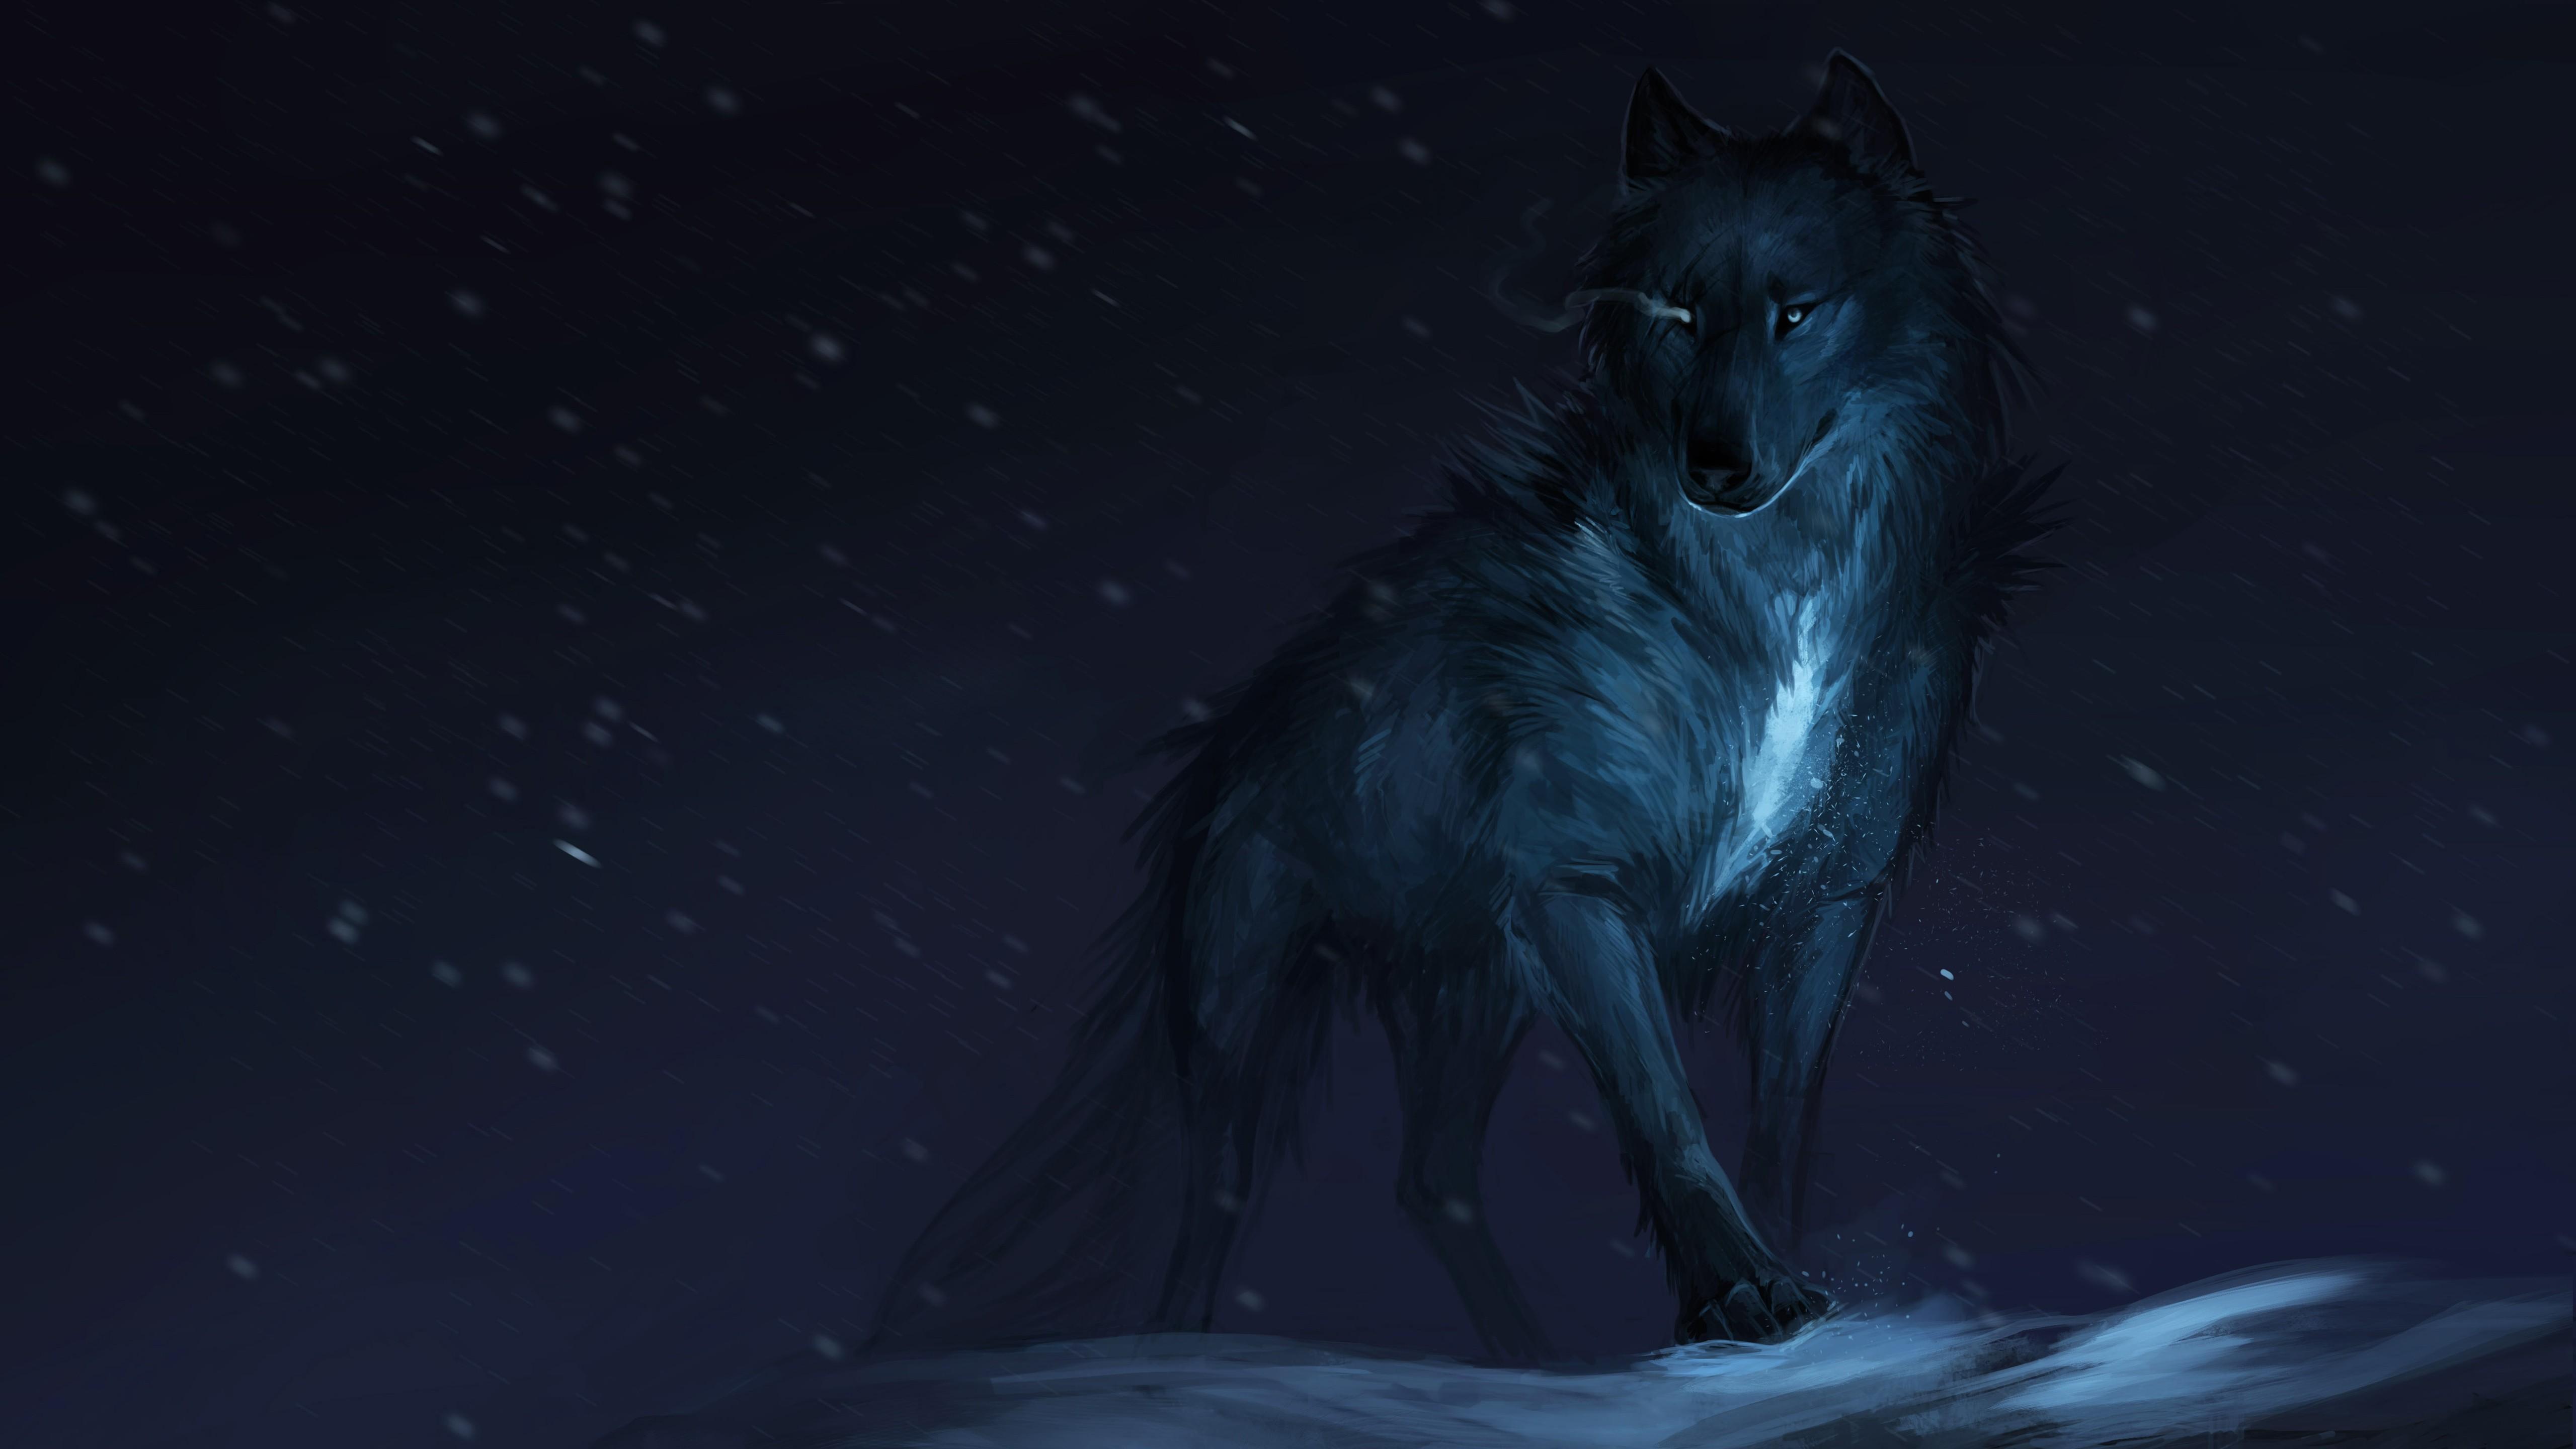 General 5120x2880 wolf white animals mammals artwork dark snow winter fantasy art